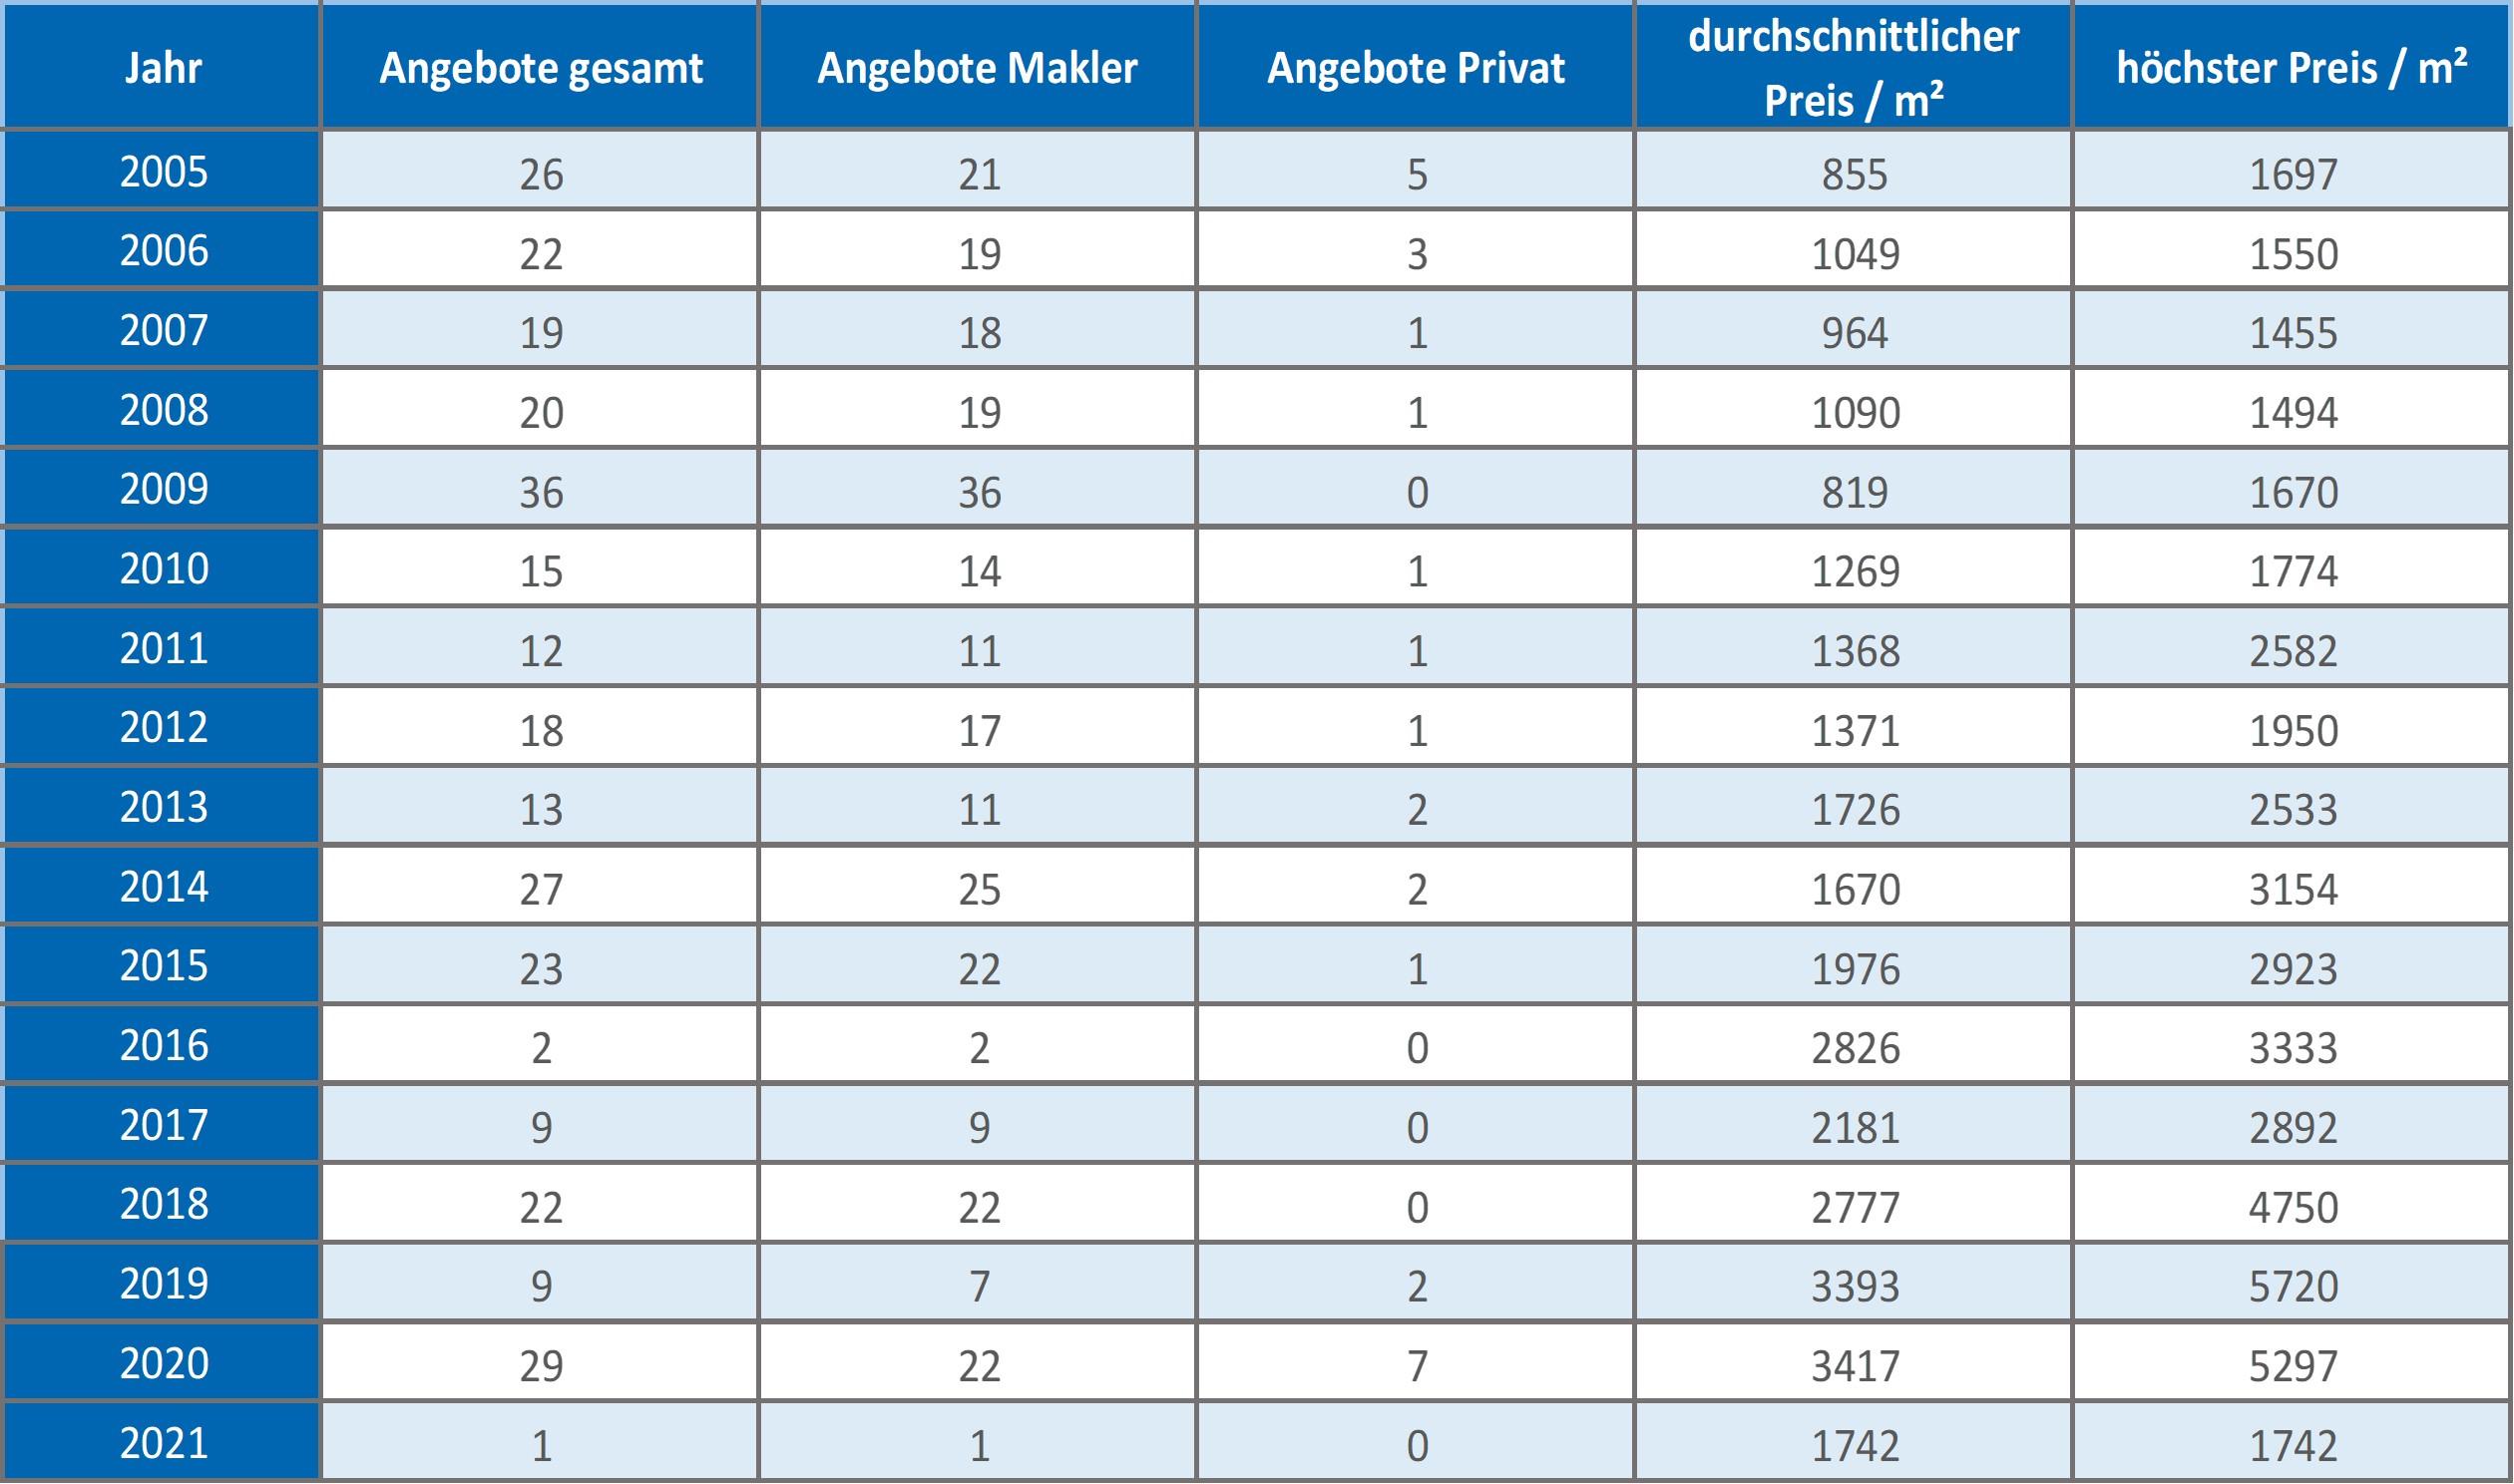 München-Solln-Grundstück-Kaufen-Verkaufen-Makler 2019 2020 2021